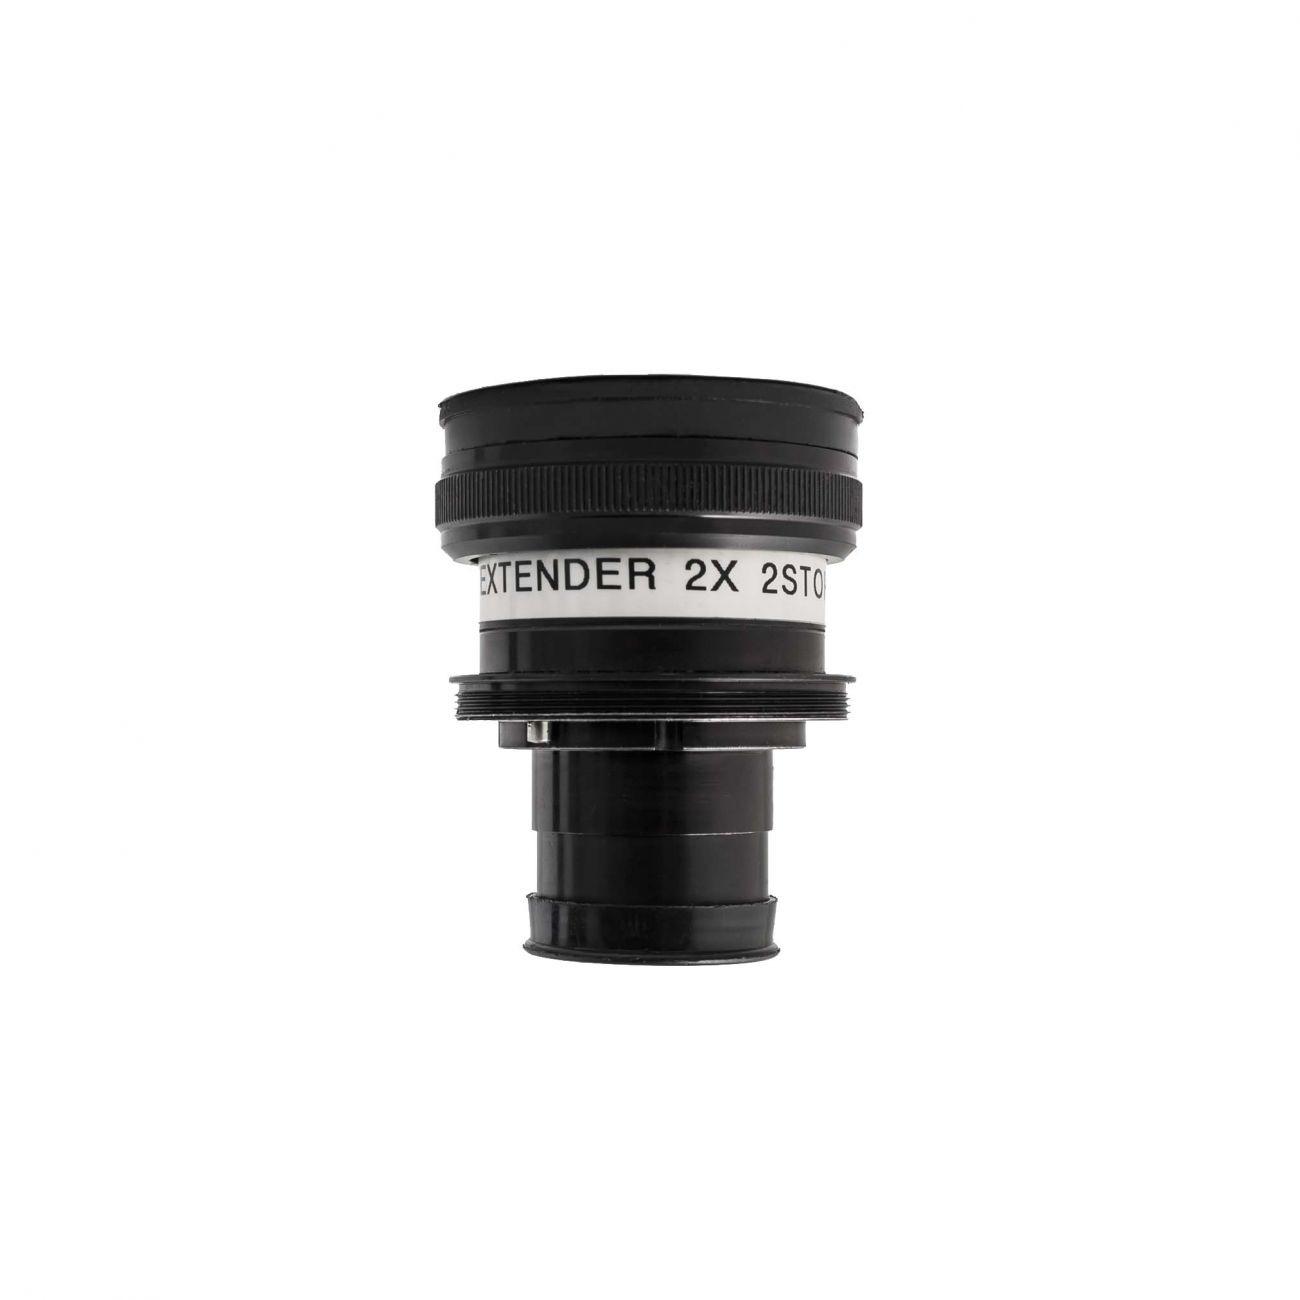 2x Century Extender for ARRI, Canon, Nikkor Optimo zoom Lenses